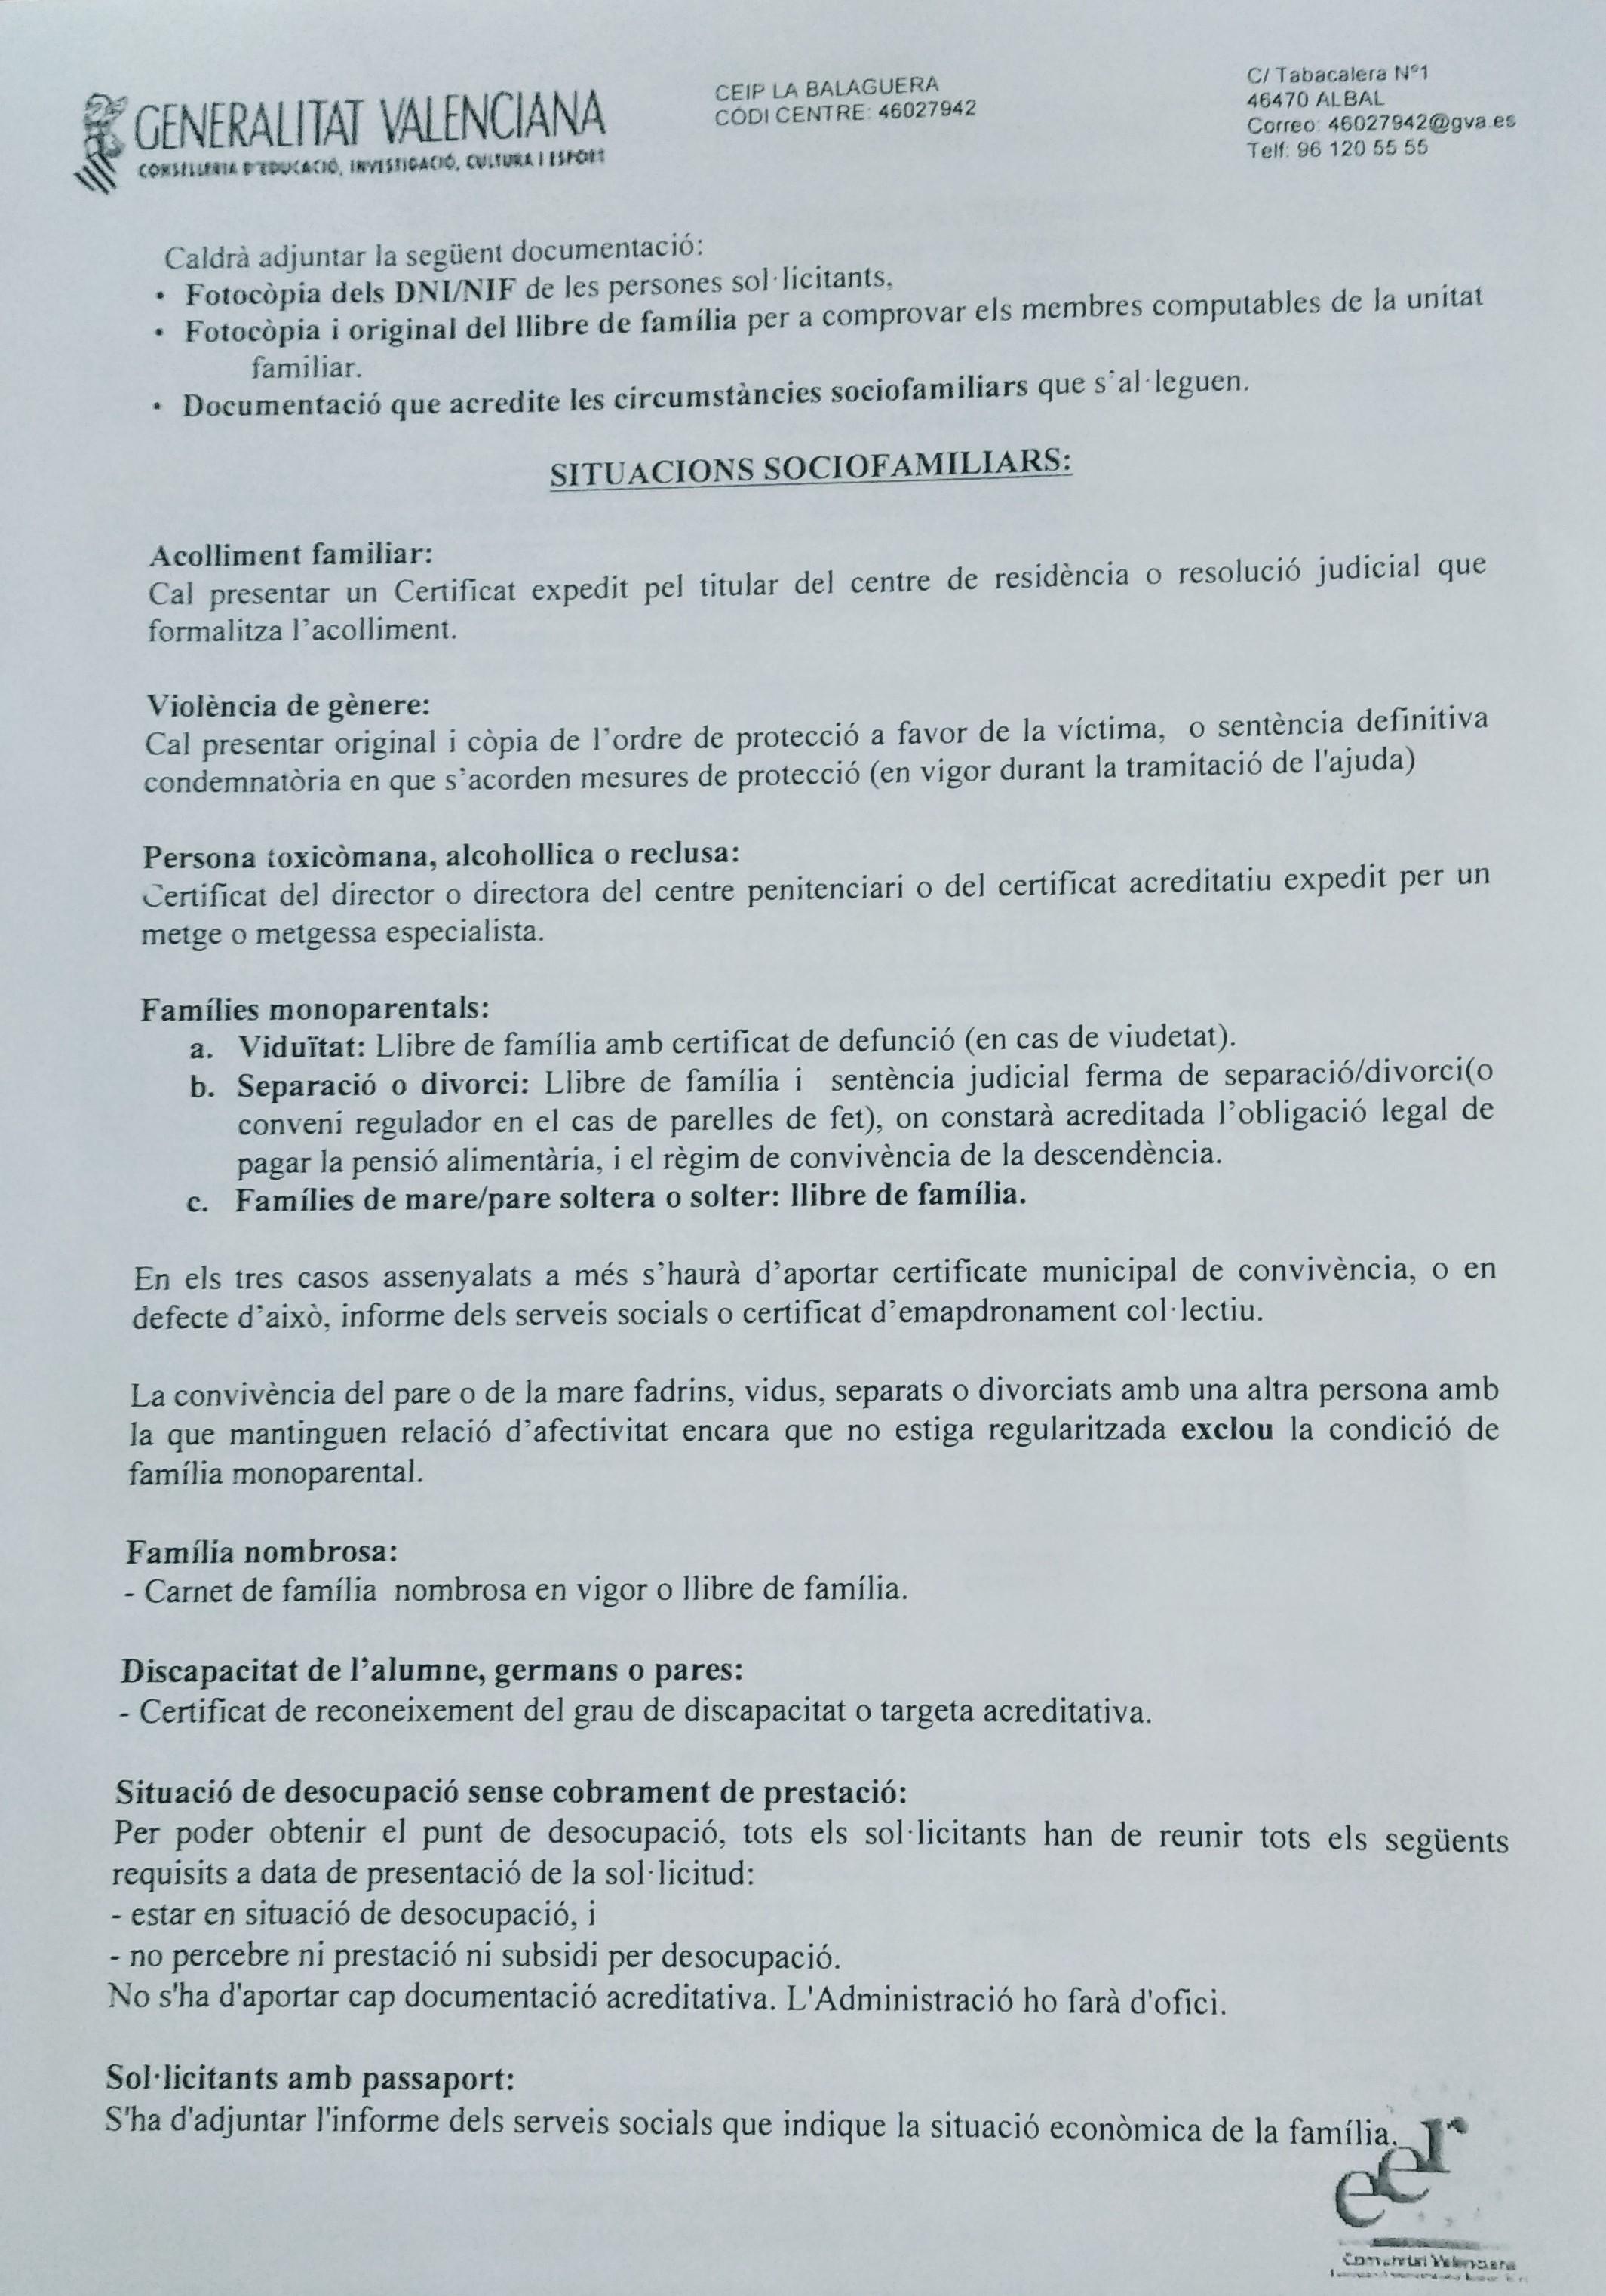 Calendario Escolar 2019 Ayuntamiento Valencia Recientes Mestre A Casa Ceip La Balaguera Albal Inici Of Calendario Escolar 2019 Ayuntamiento Valencia Más Recientes Etsid